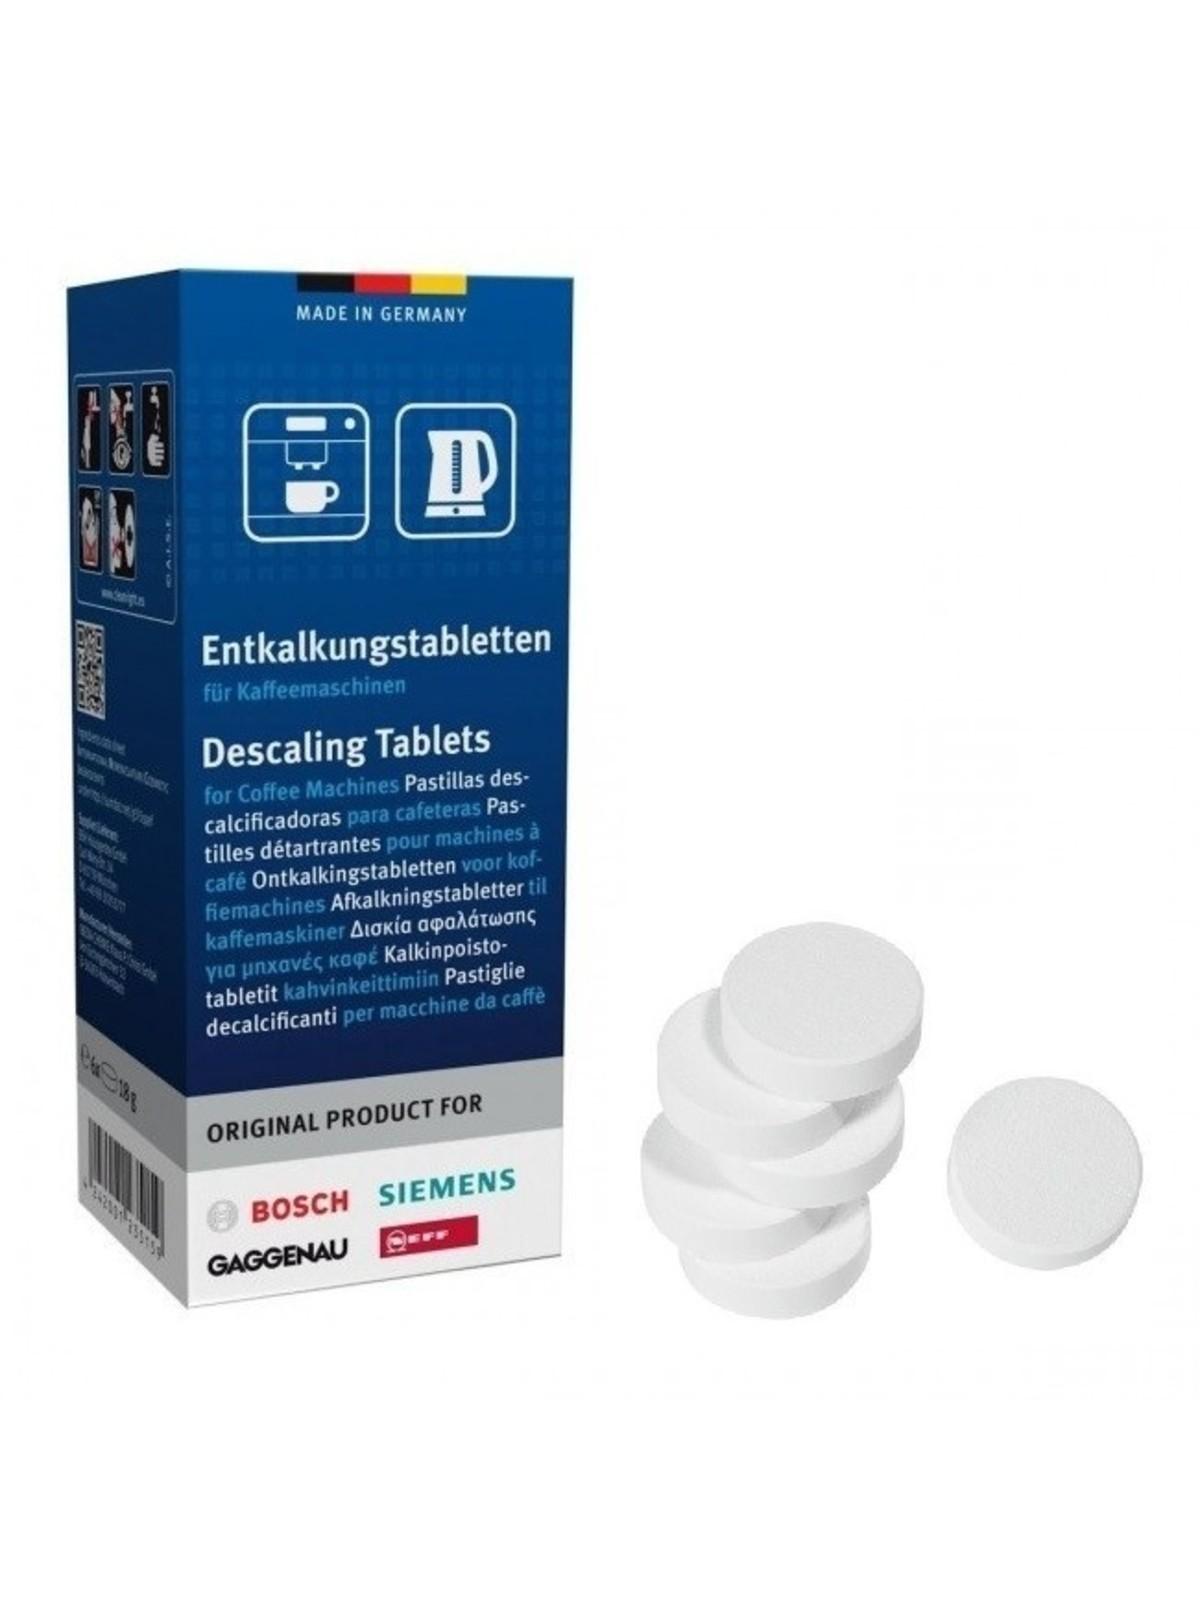 SIEMENS BOSCH Descaling Tablets (6 pcs)